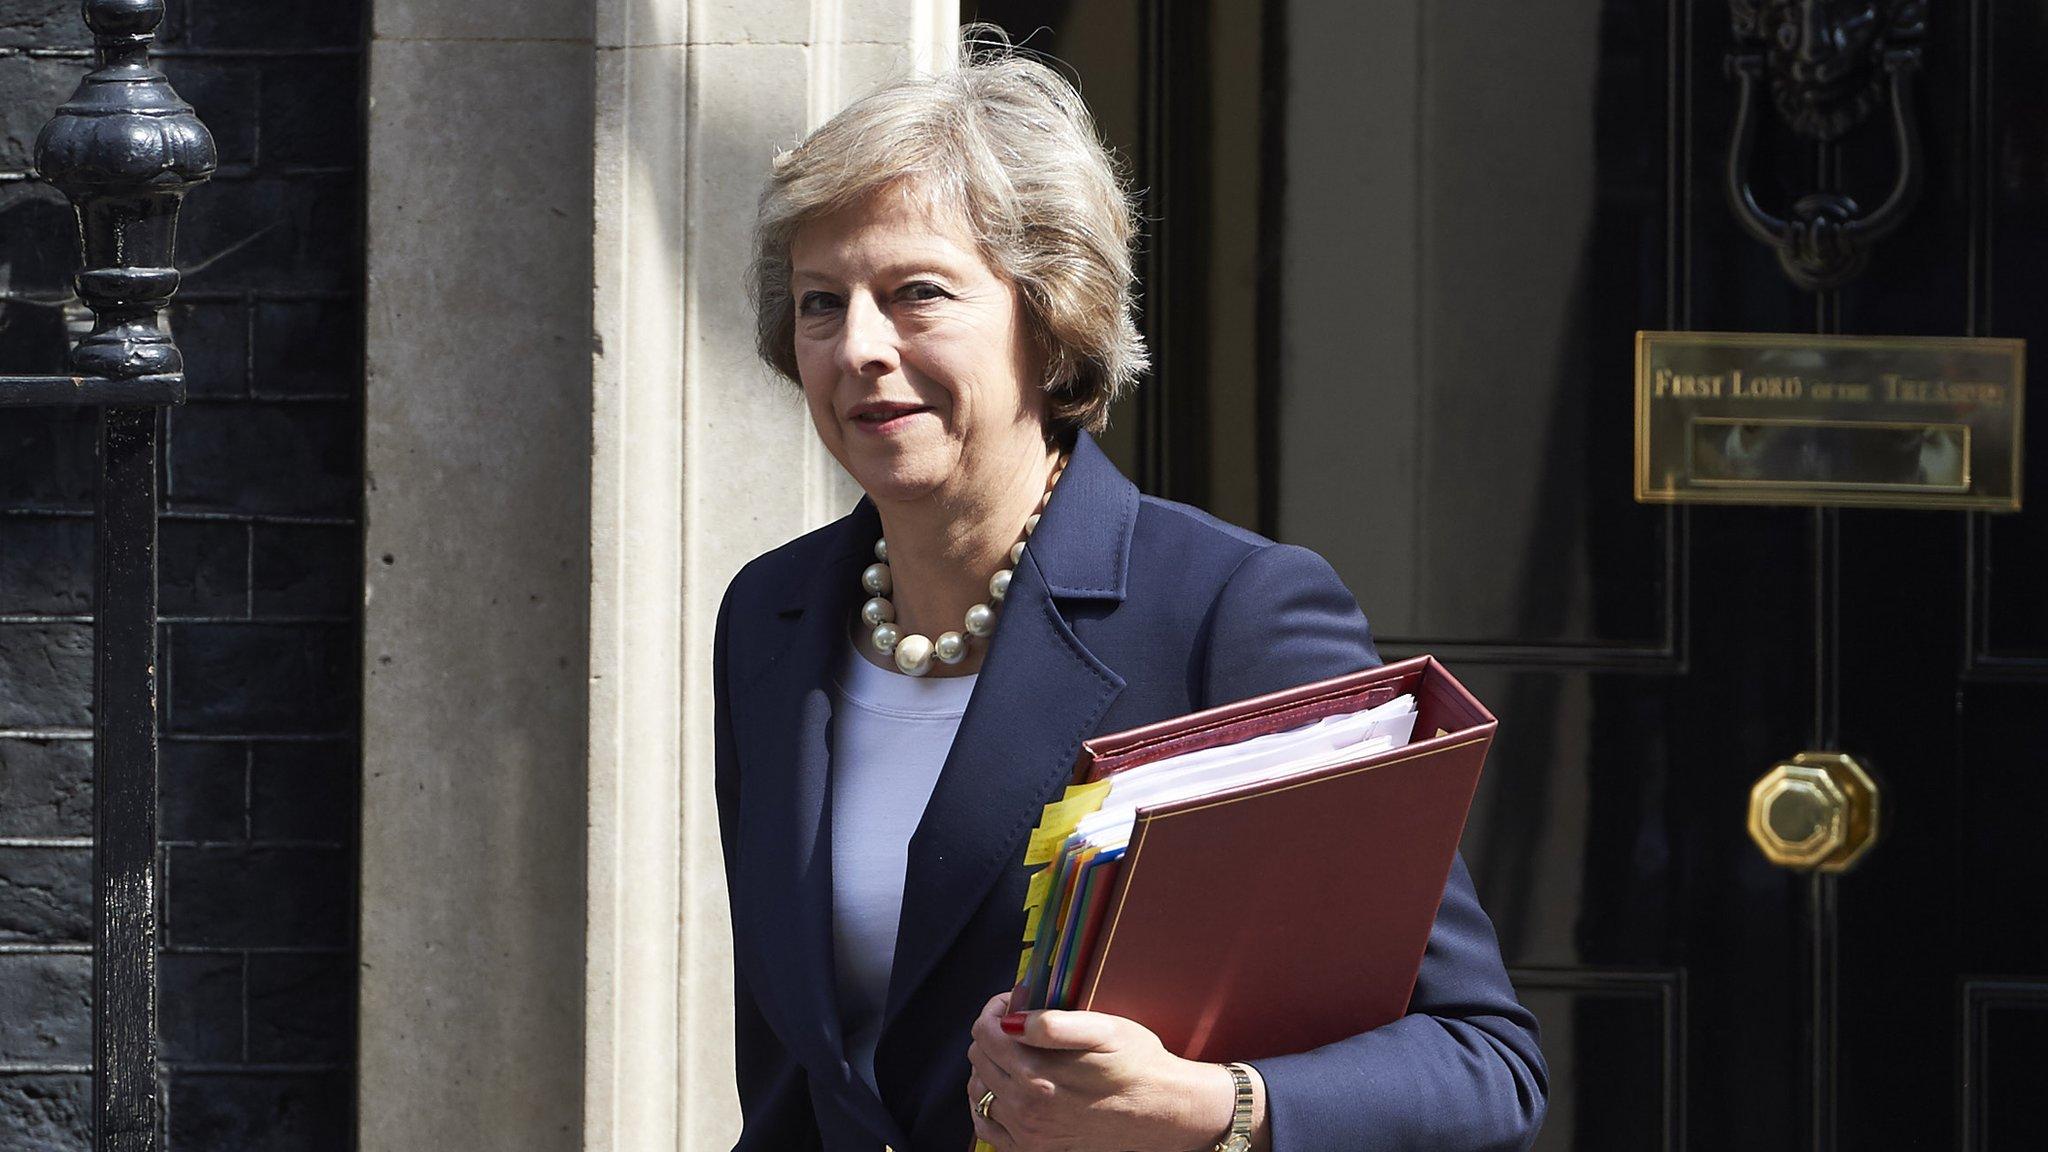 Theresa May to make first visit to NI as PM